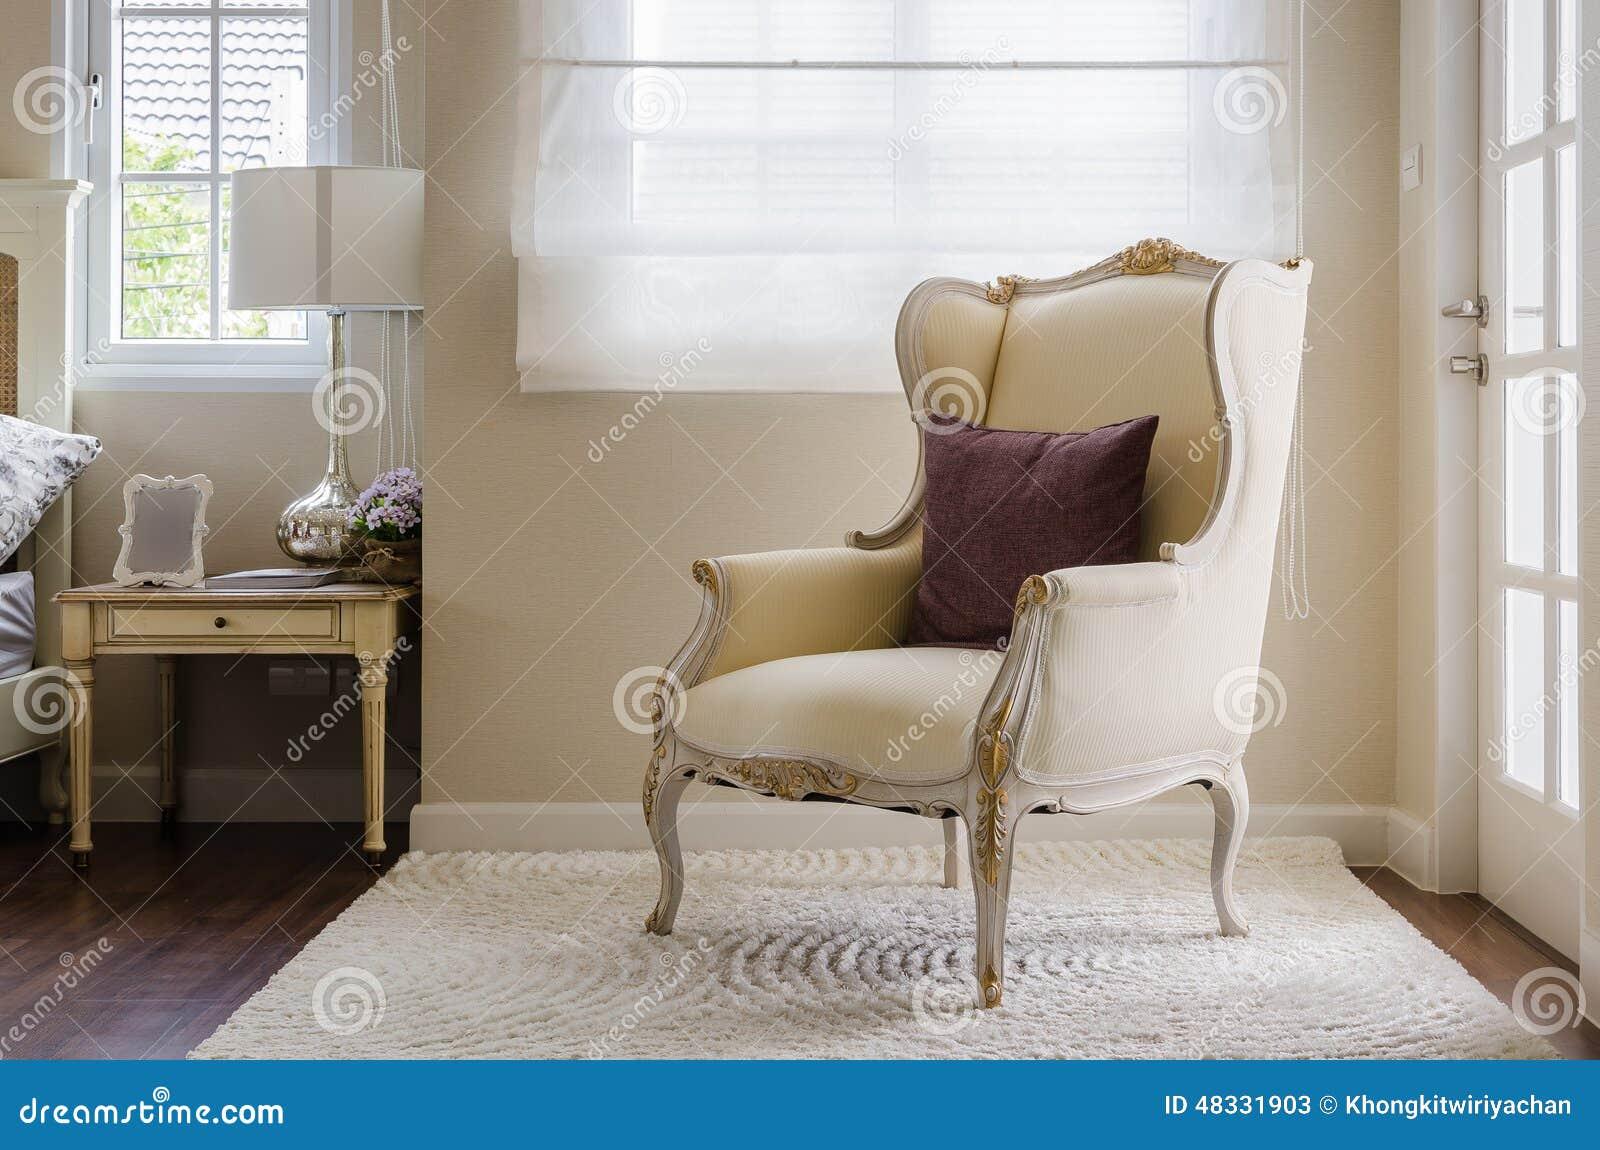 Stile classico della sedia su tappeto in camera da letto immagine stock immagine di classico - Sedia camera da letto ...